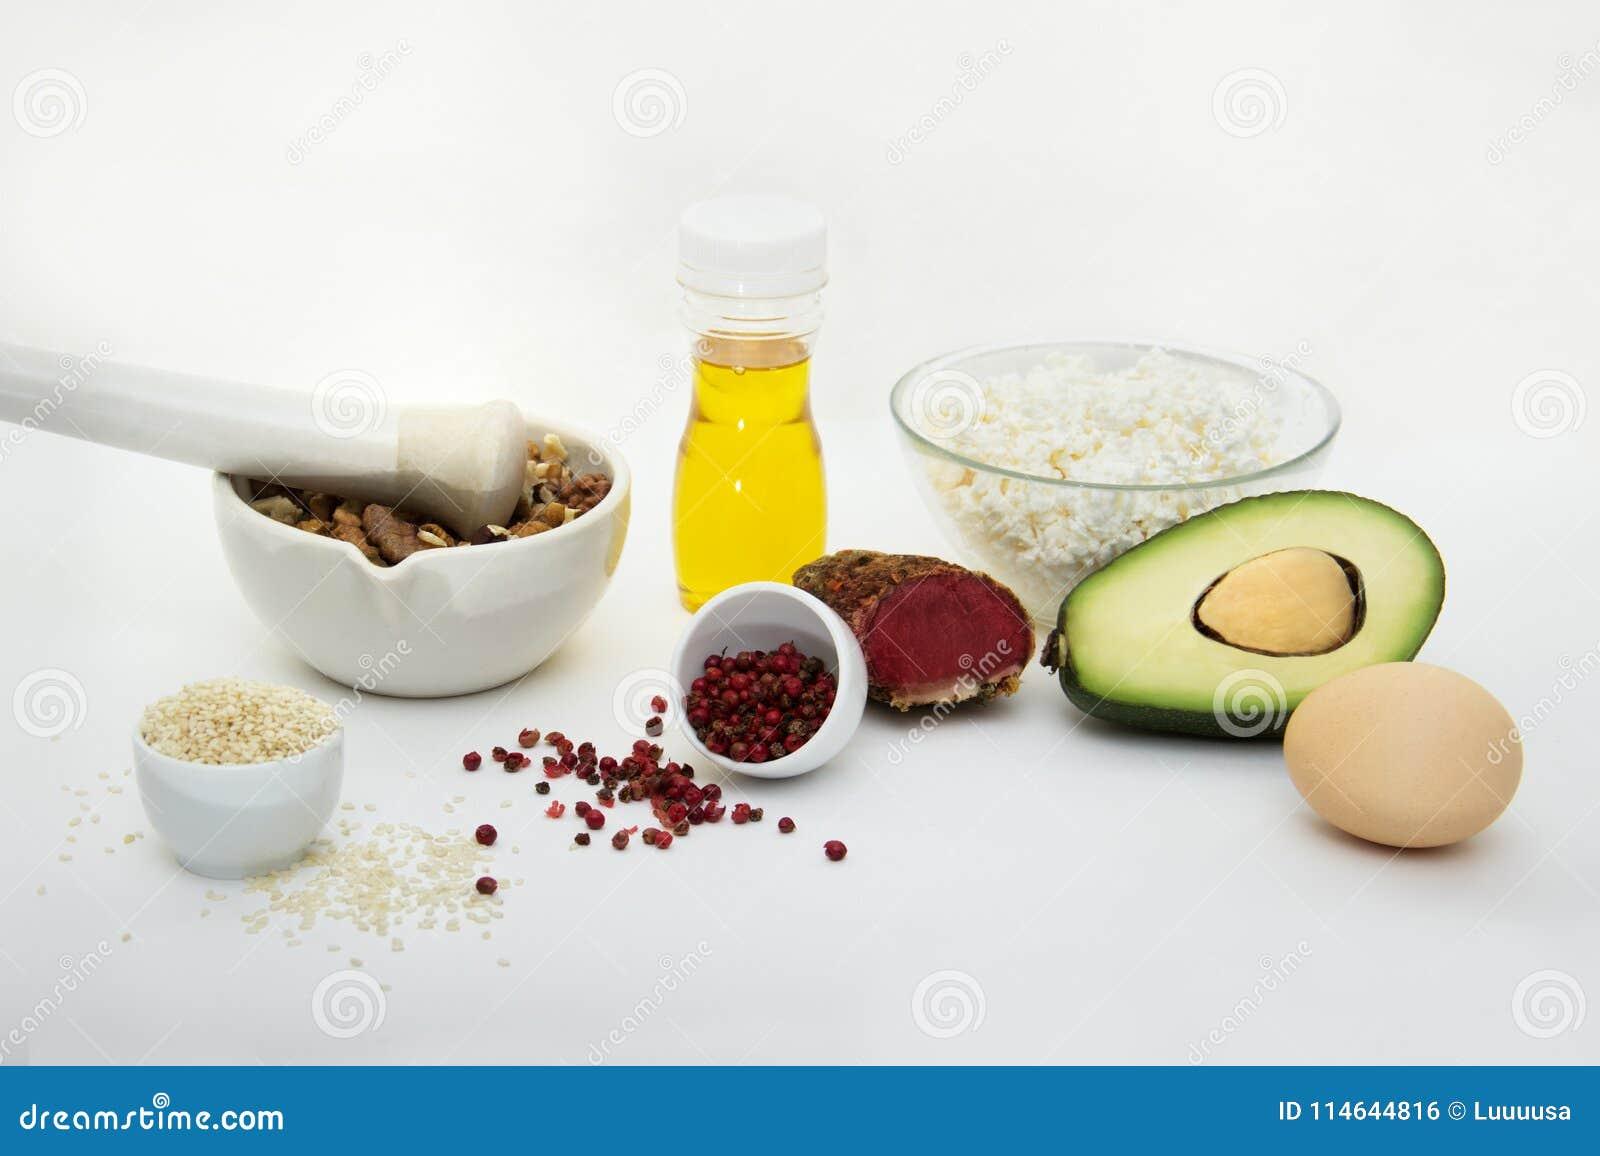 dieta alta en grasas buenas